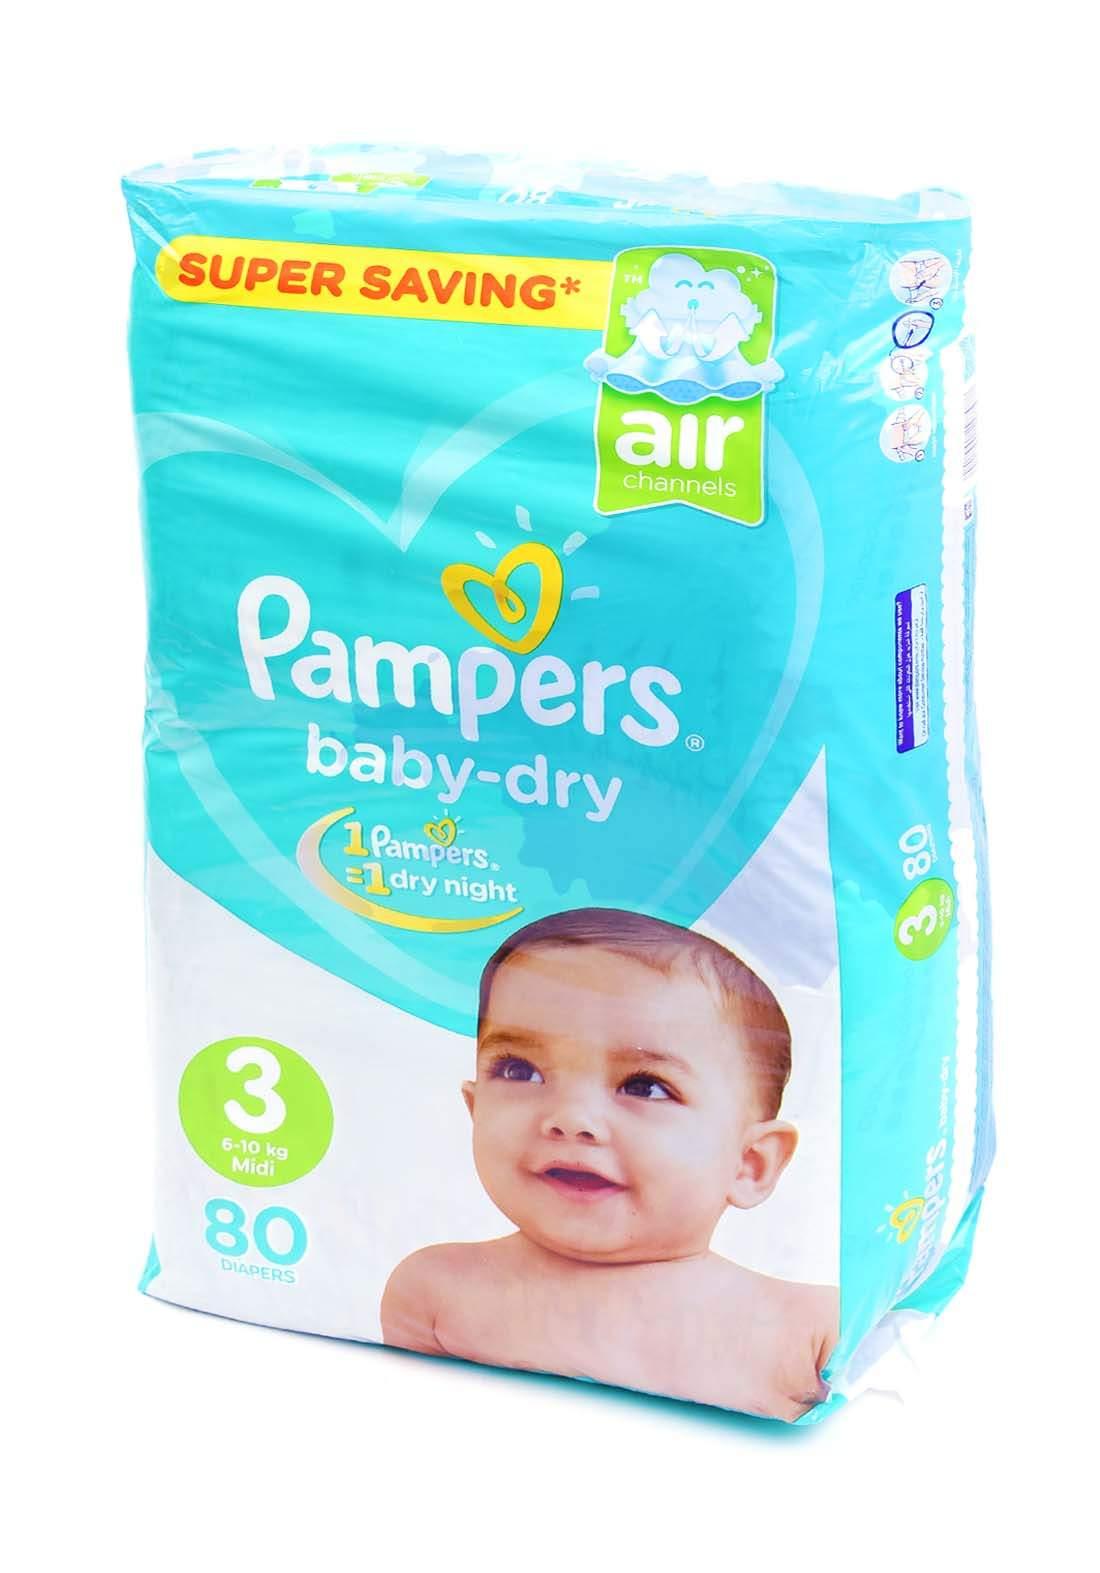 Pampers 6-10 Kg 80 Pcs حفاضات  بامبرز للاطفال عادي رقم 3